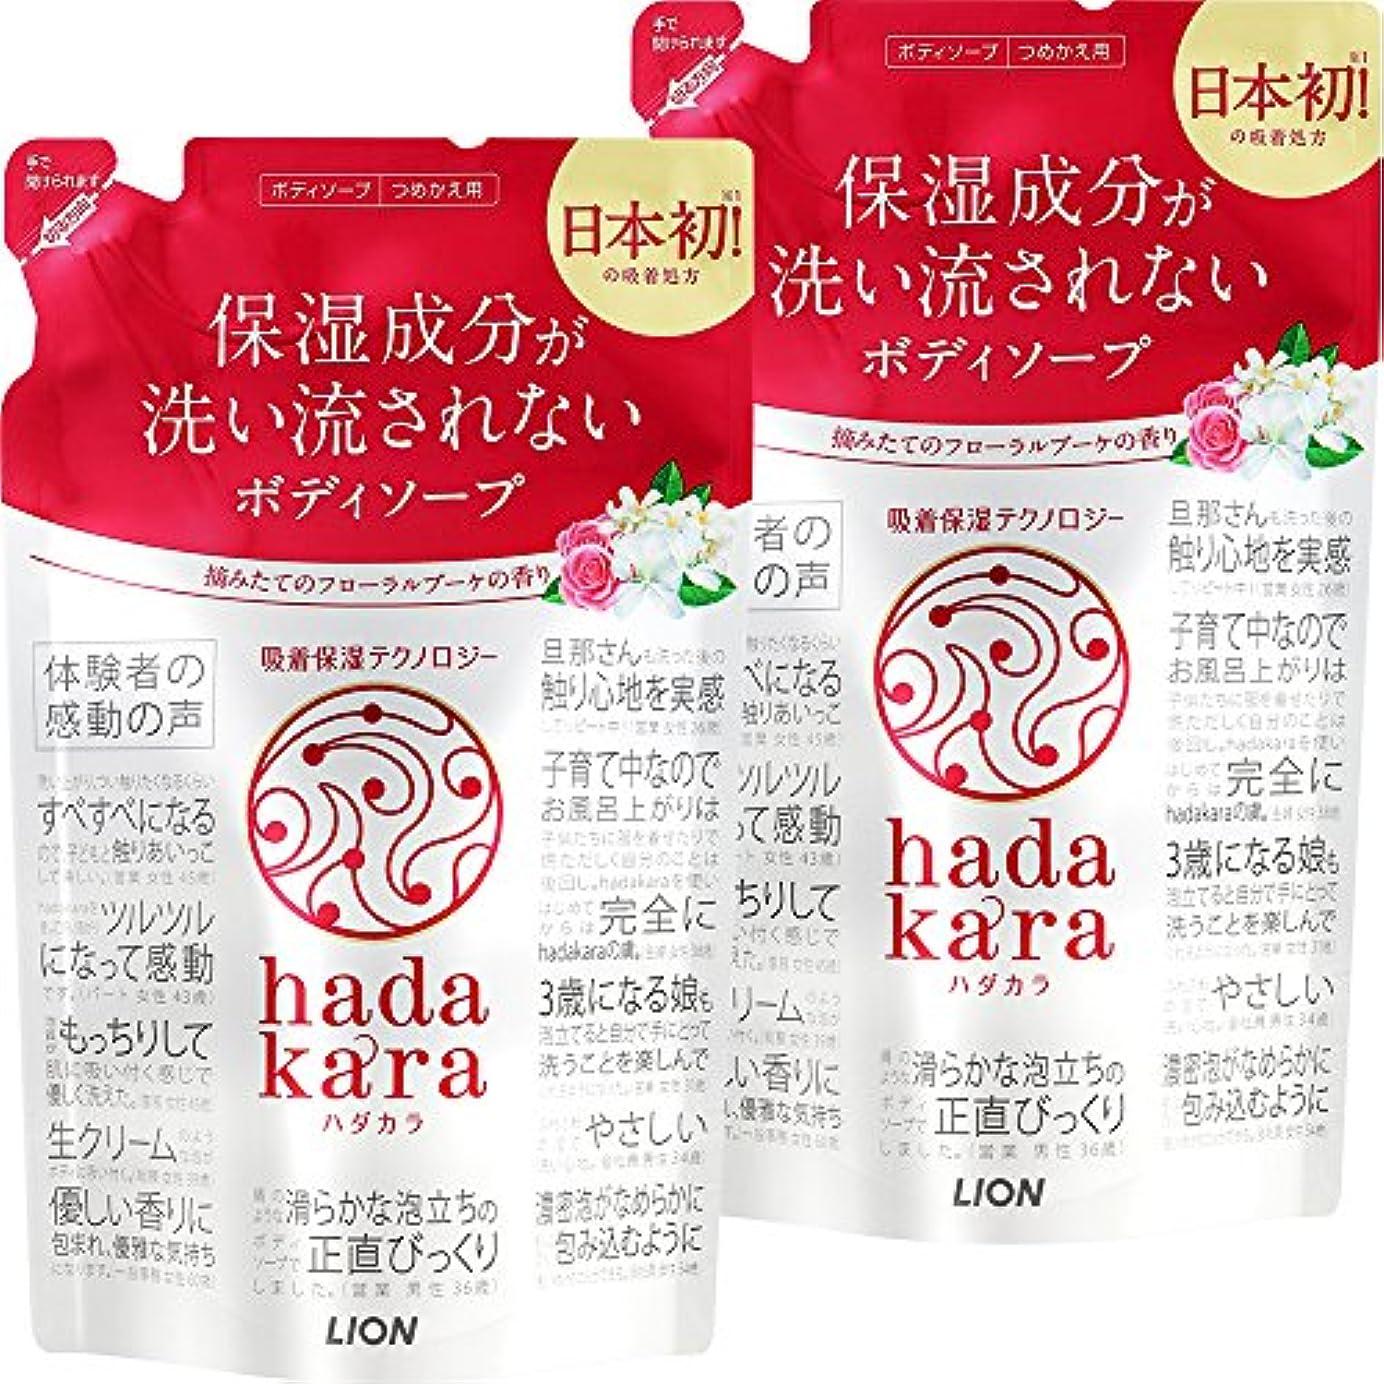 採用届けるバング【まとめ買い】hadakara(ハダカラ) ボディソープ フローラルブーケの香り 詰め替え 360ml×2個パック